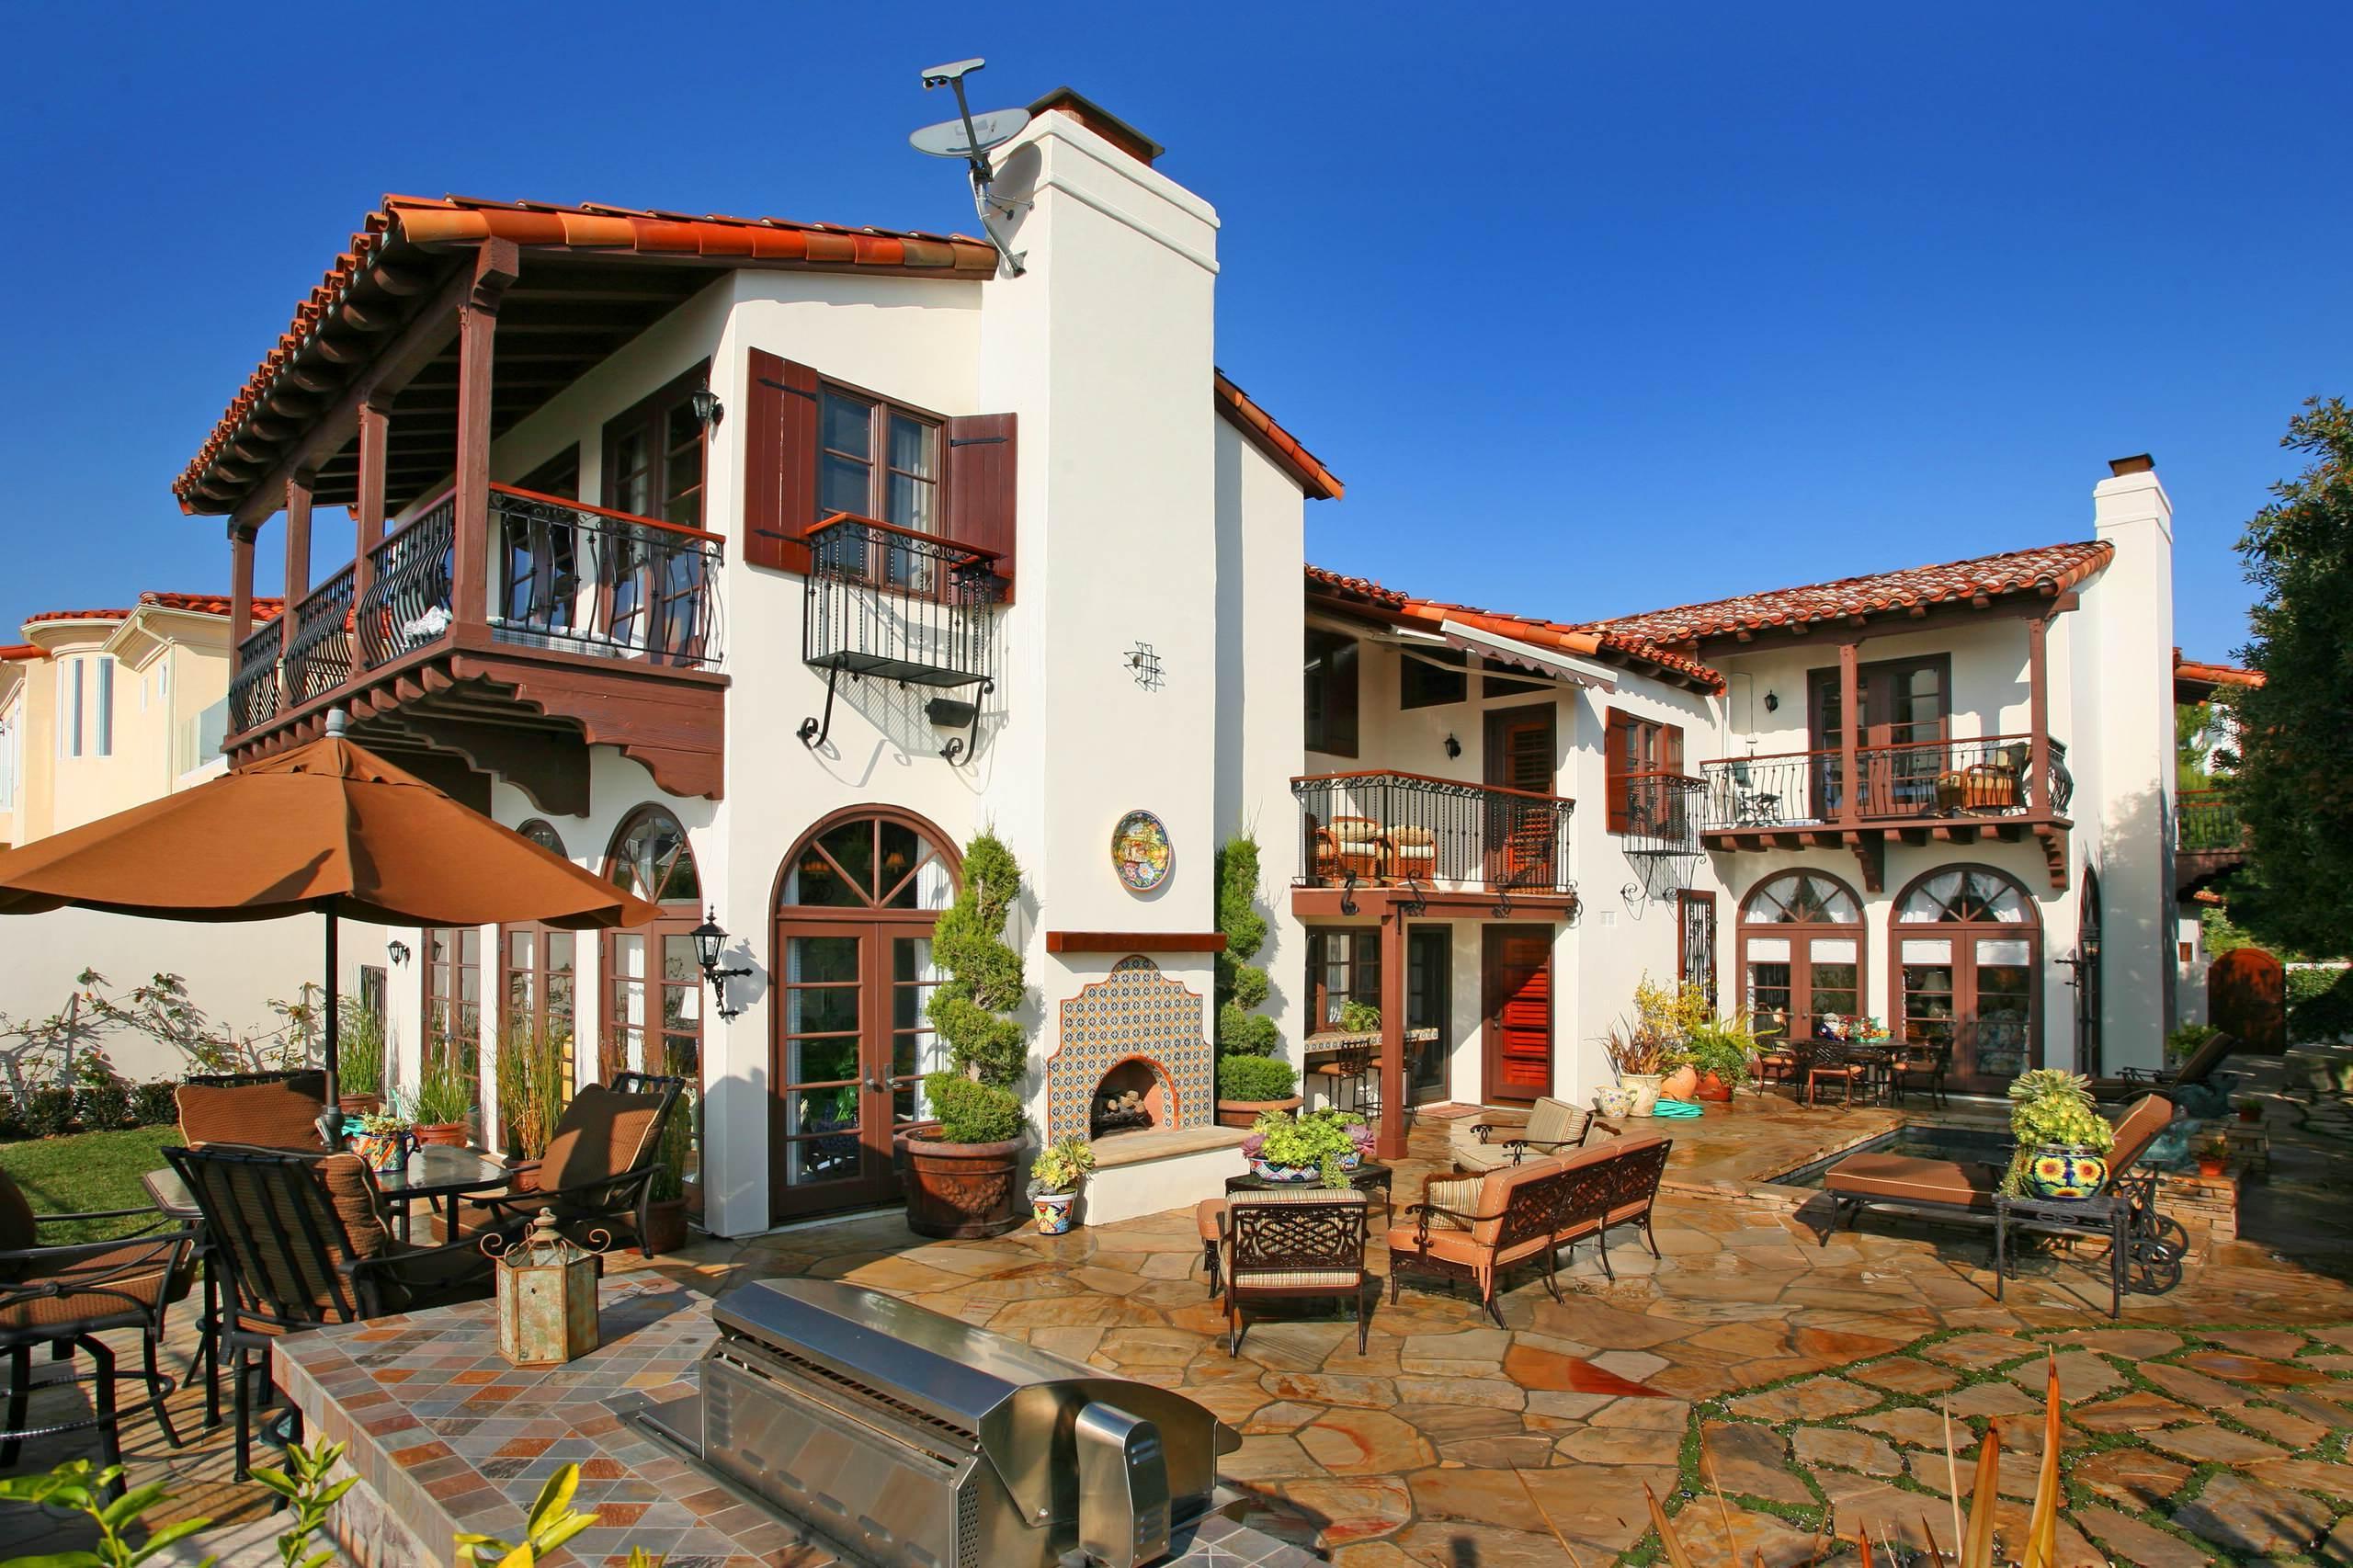 Sonnenschirm für Balkon im Landhaus-Stil